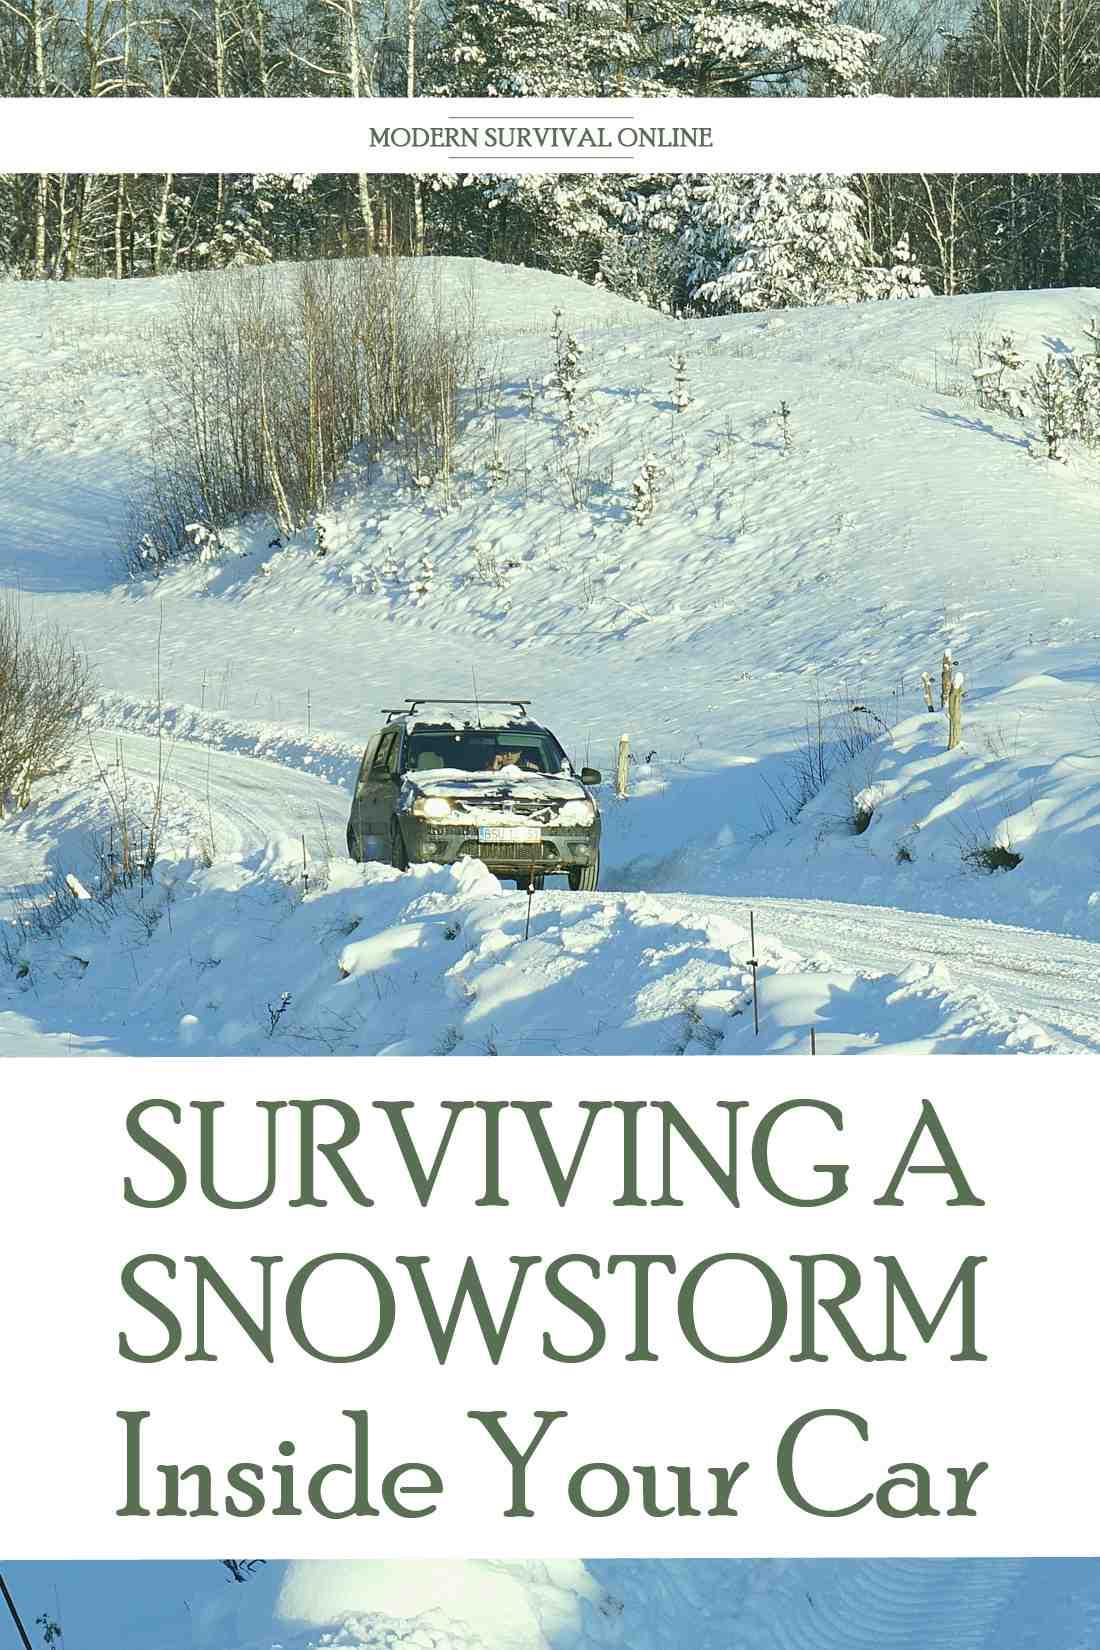 snowstorm survival Pinterest image